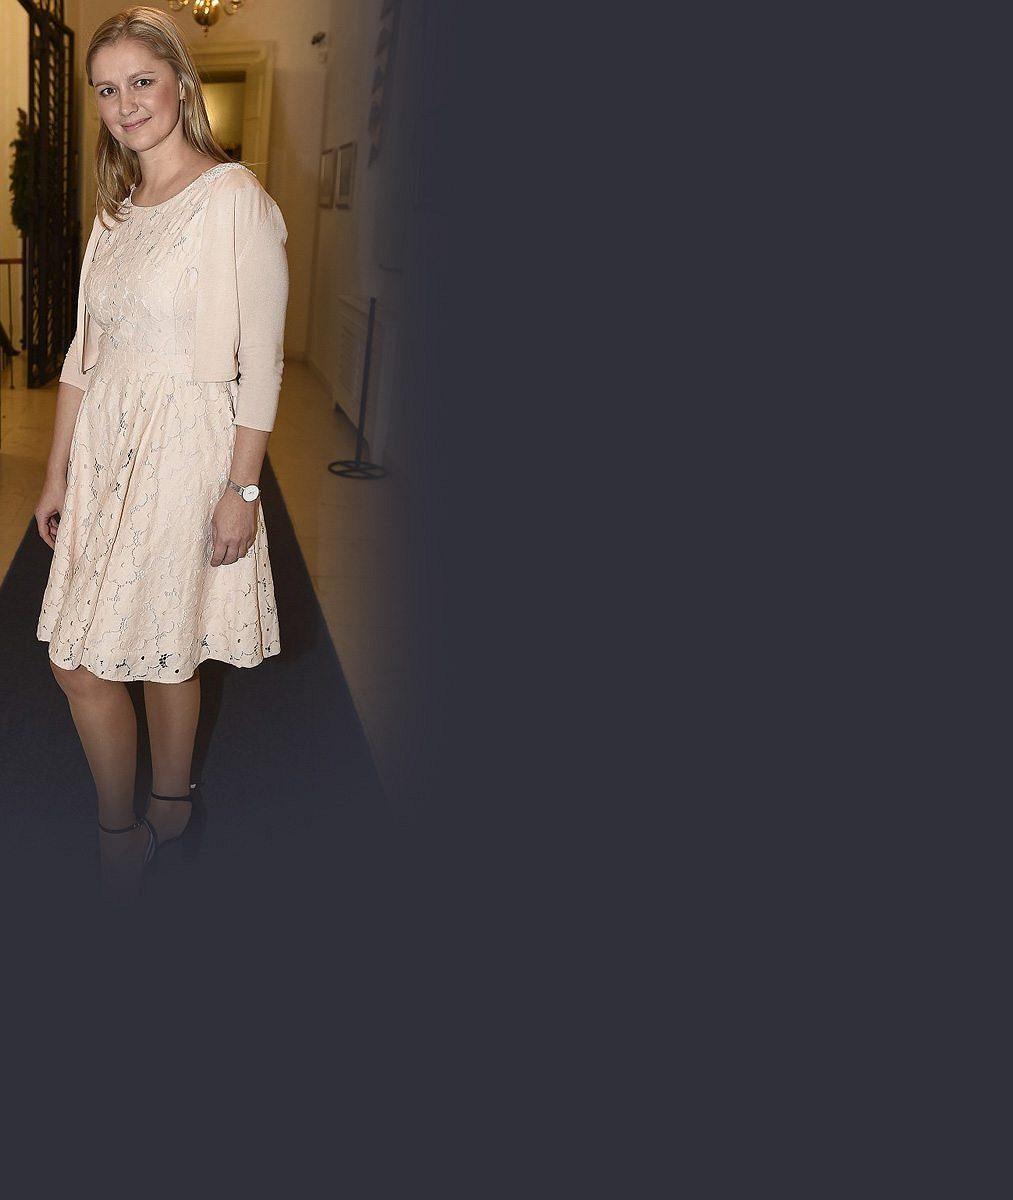 Poznáte ji ještě? Monika Žídková byla nejoblíbenější Miss ČR, dnes je z ní starostka